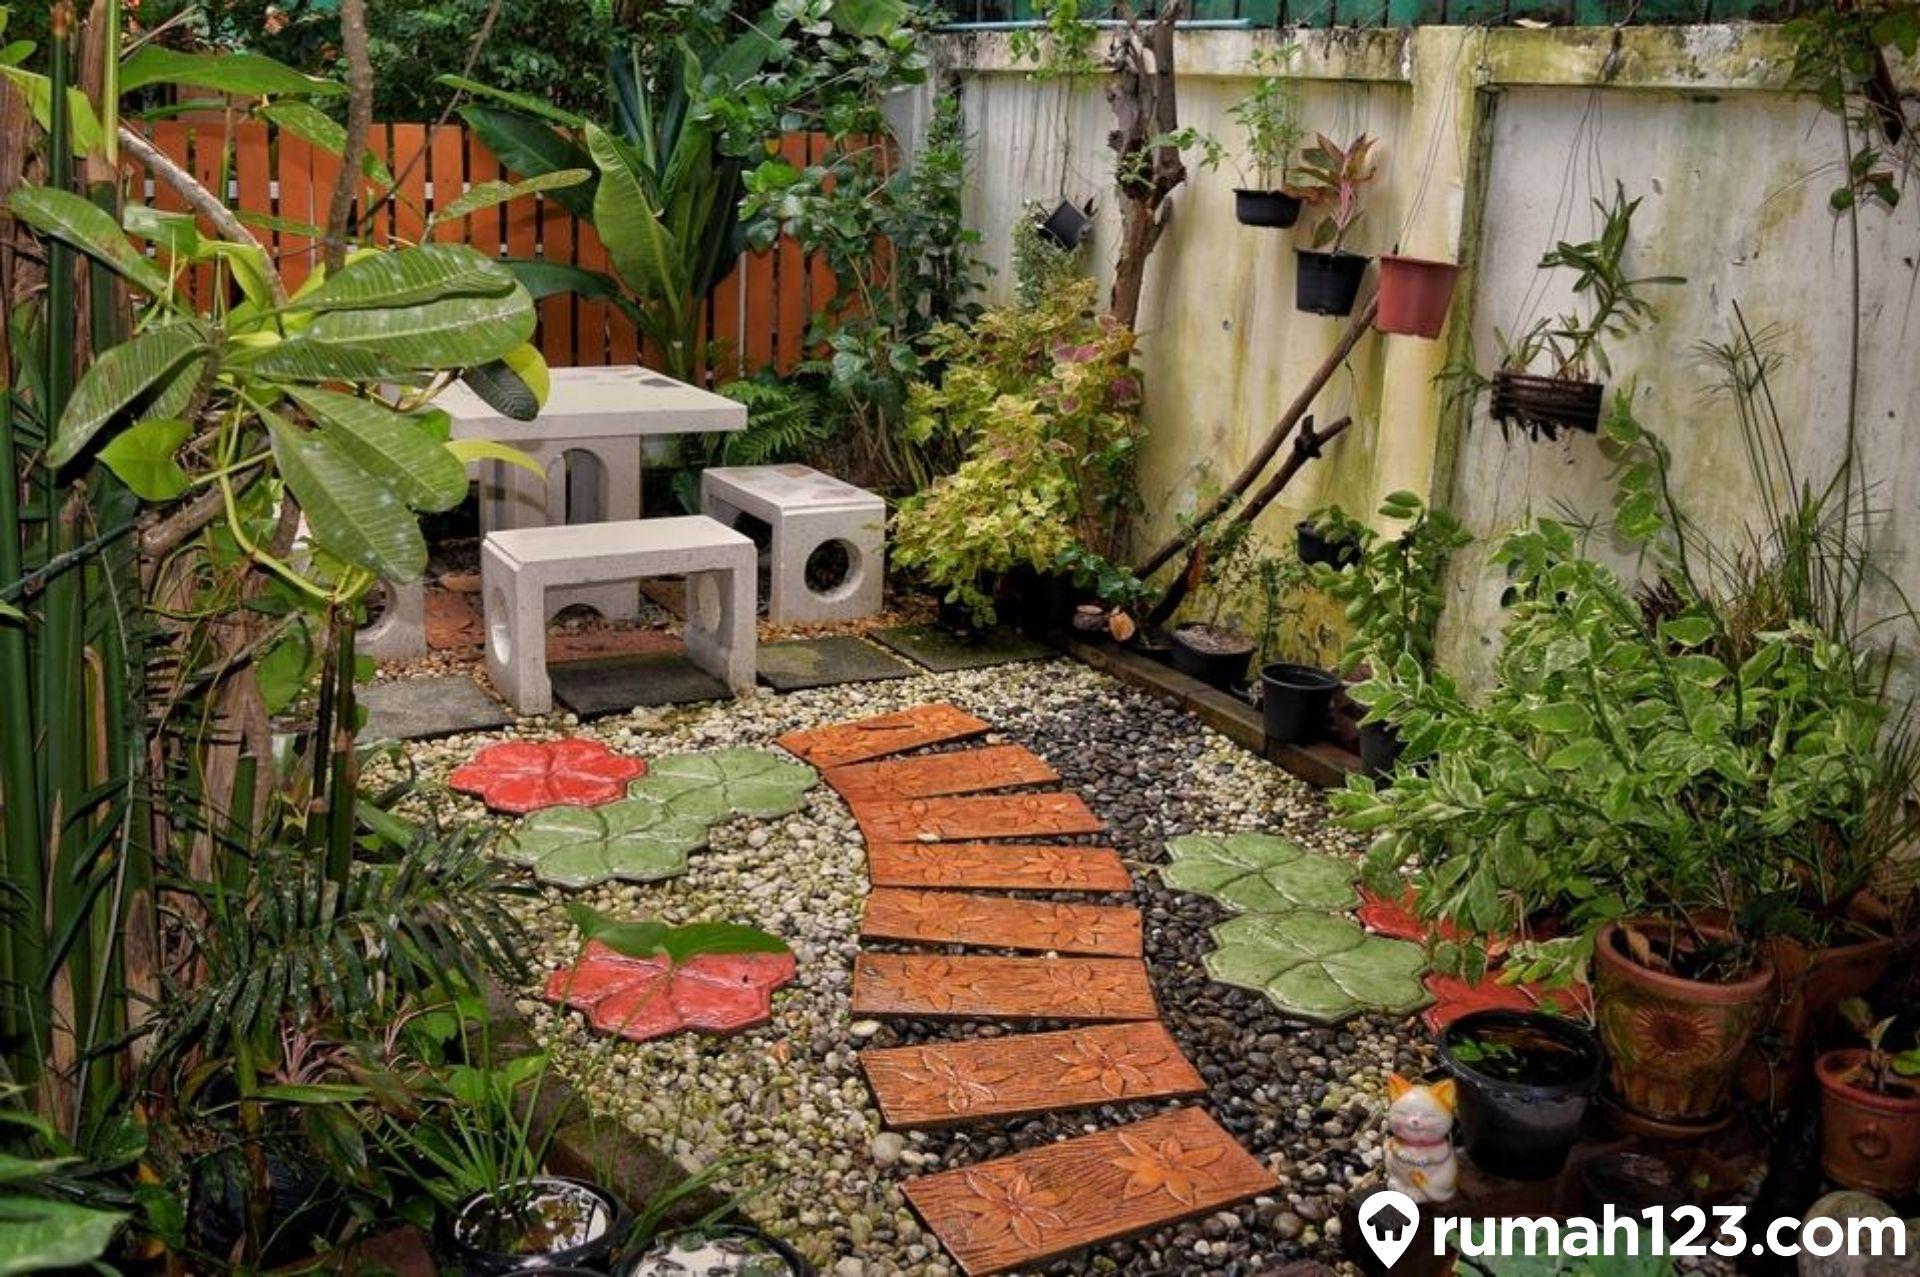 12 Contoh Desain Taman Minimalis Yang Bisa Kamu Tiru Di Lahan Sempit! |  Rumah123.com